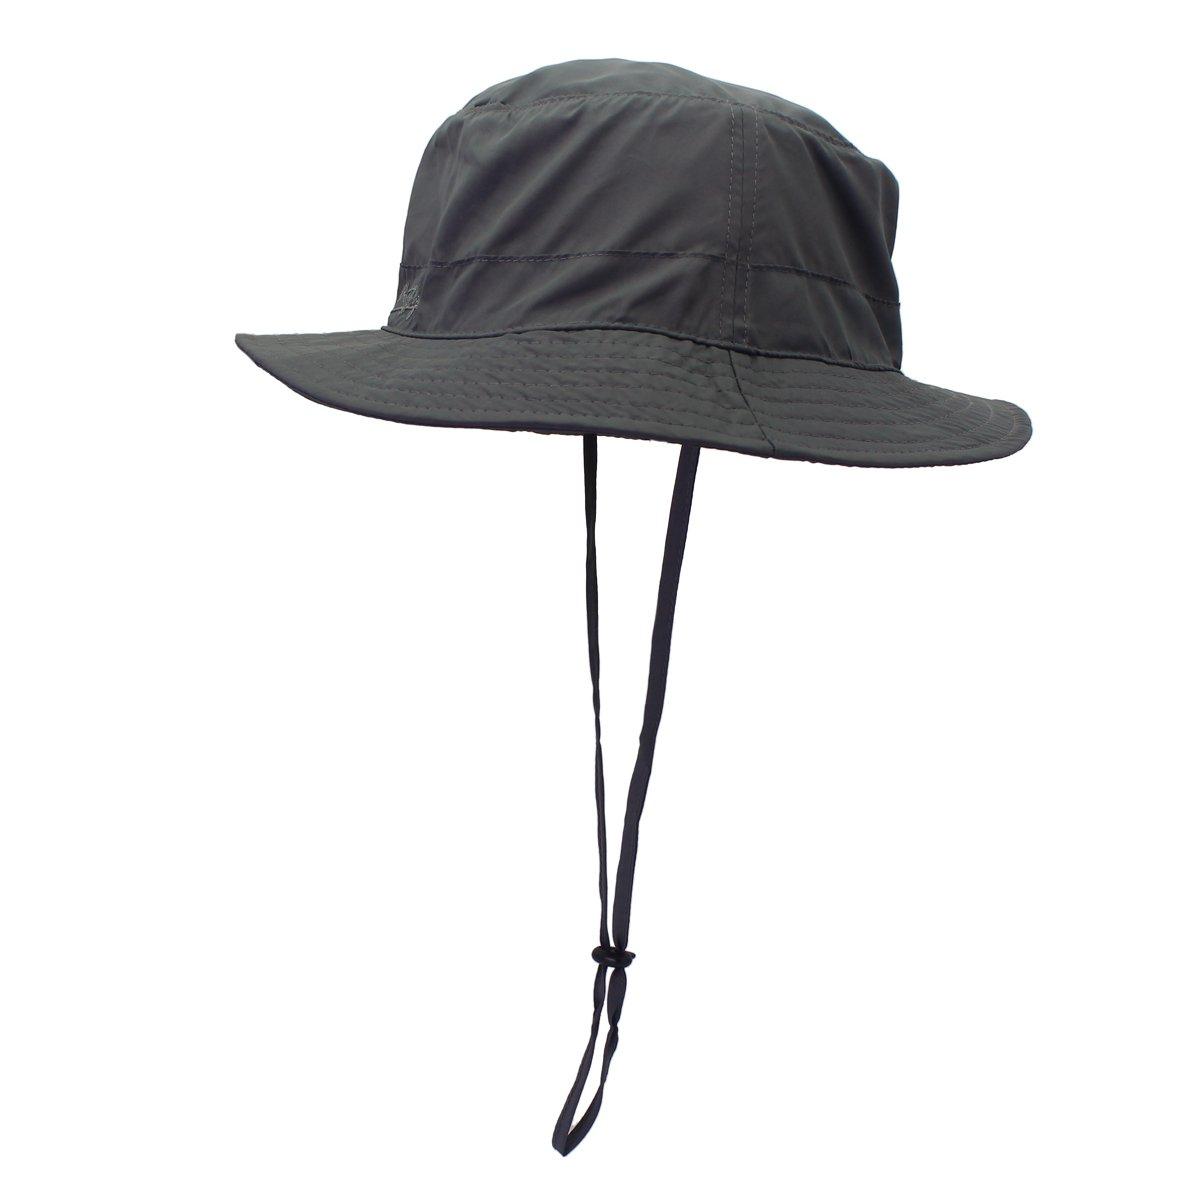 Cappello Pescatore,iSpchen Piccolo Pescatore Pieghevole Cappellino Esterno Leggero Protezione UV Cappello Per Attivit/à Allaperto Army Green